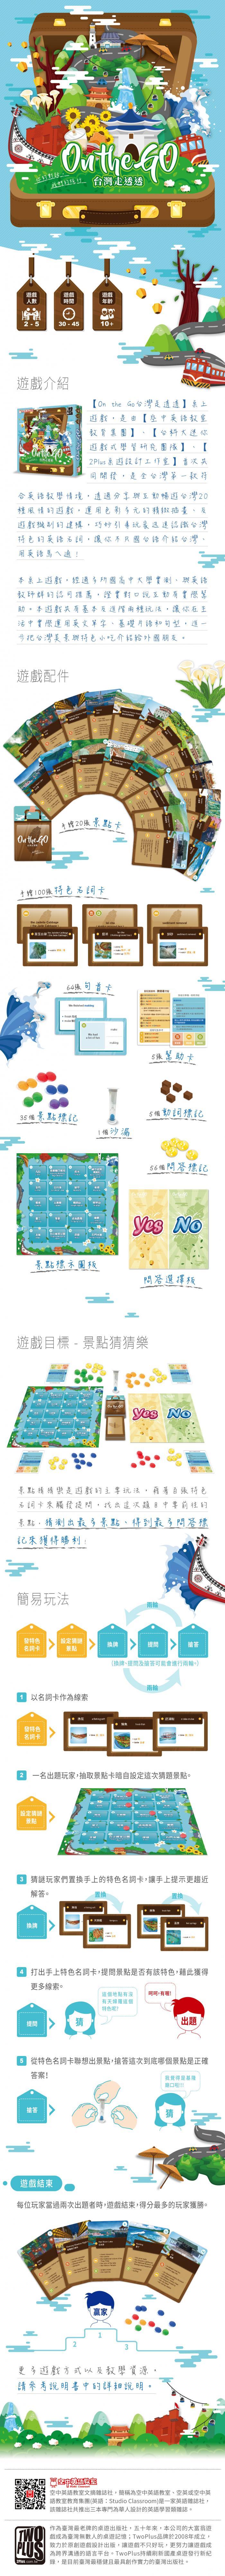 桌遊On The Go 台灣走透透+同名特刊合集